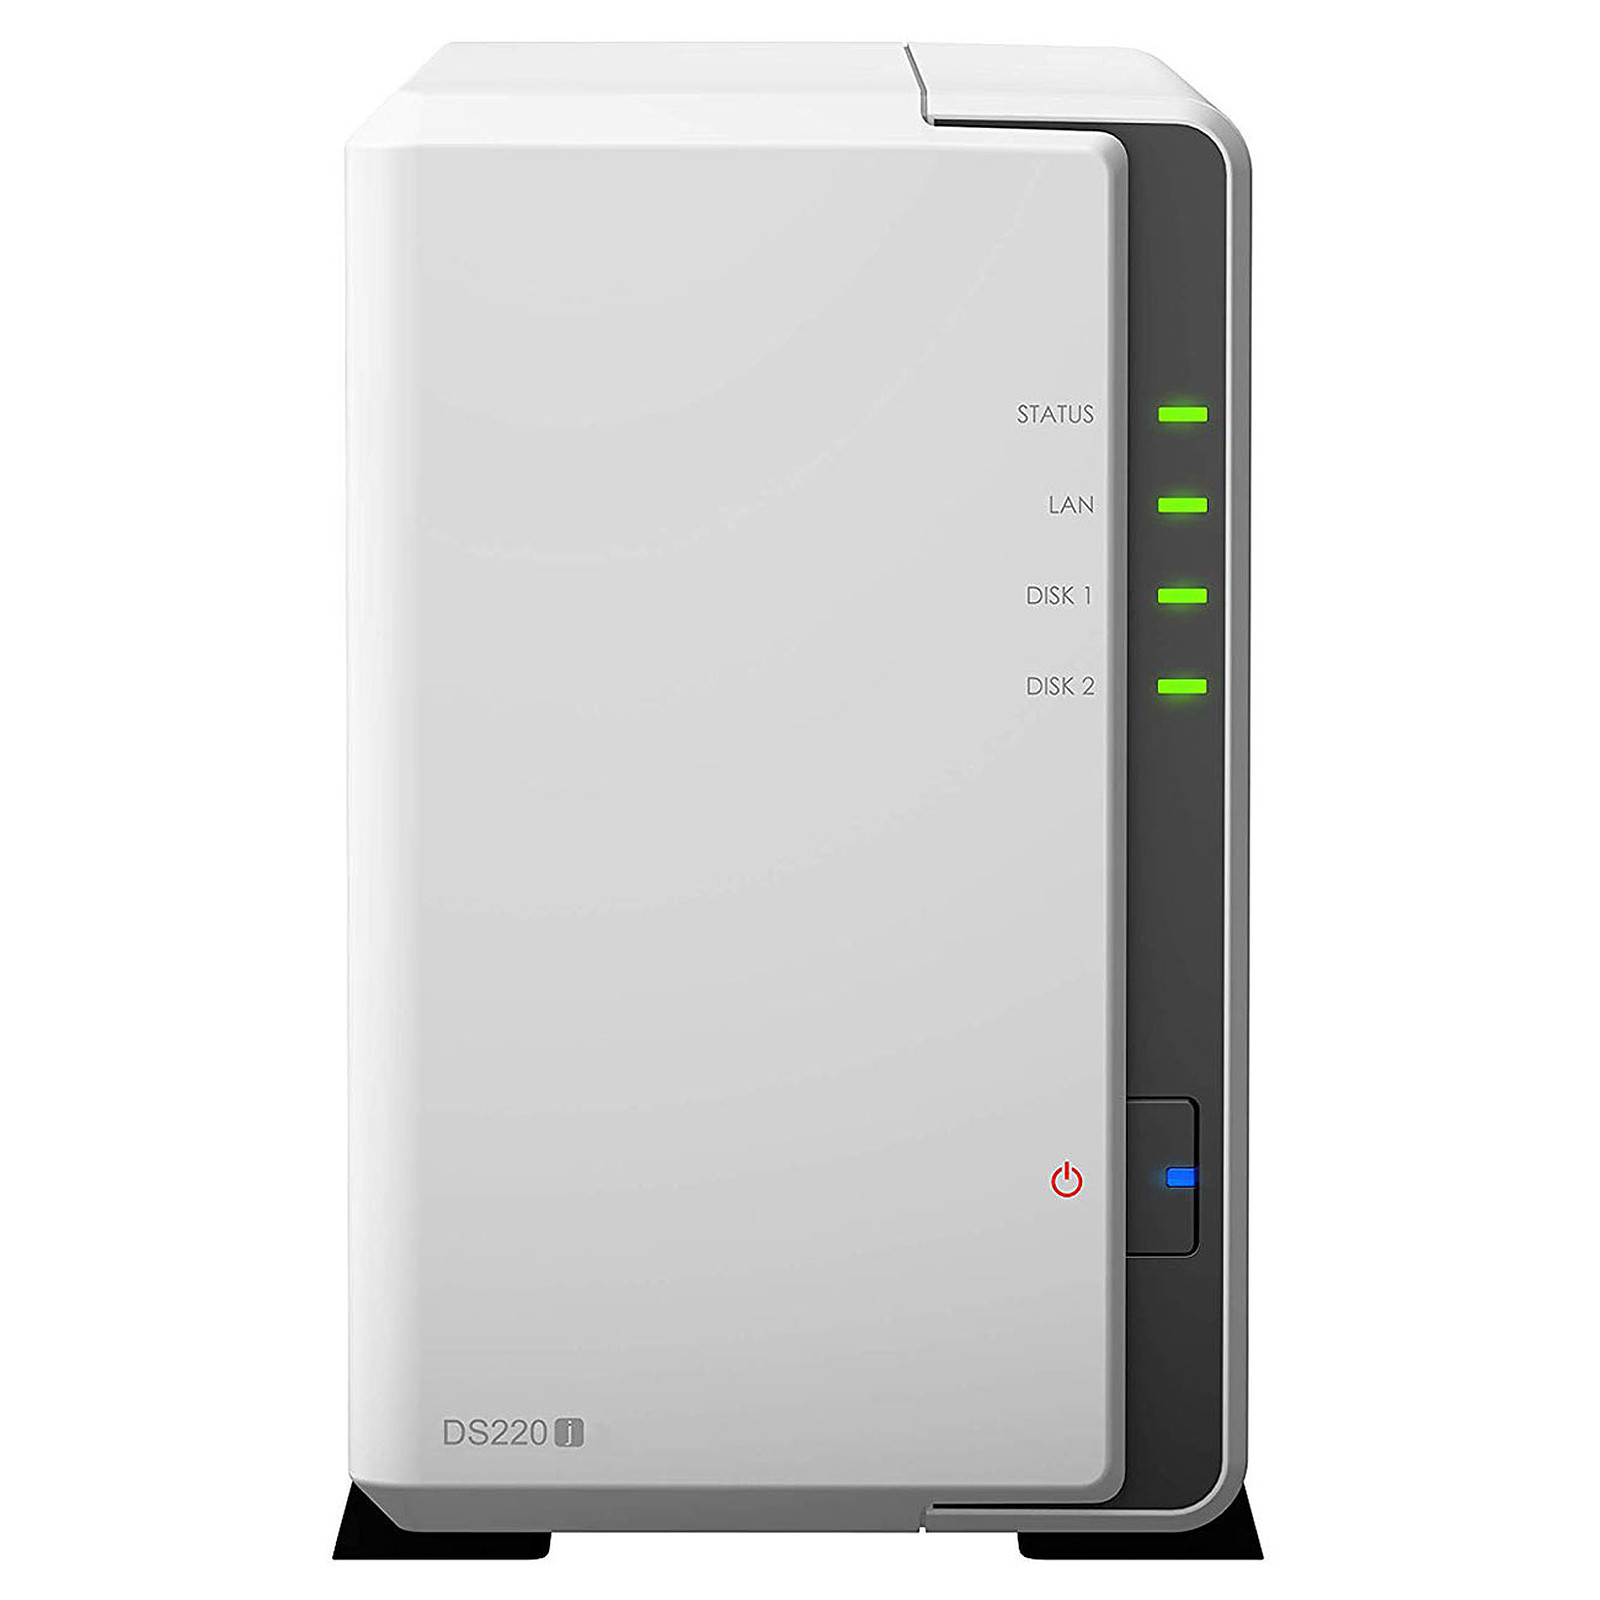 Serveur NAS Synology DS220j pour 2 disques durs SATA, informatique 974, Informatique ile de la Réunion 974